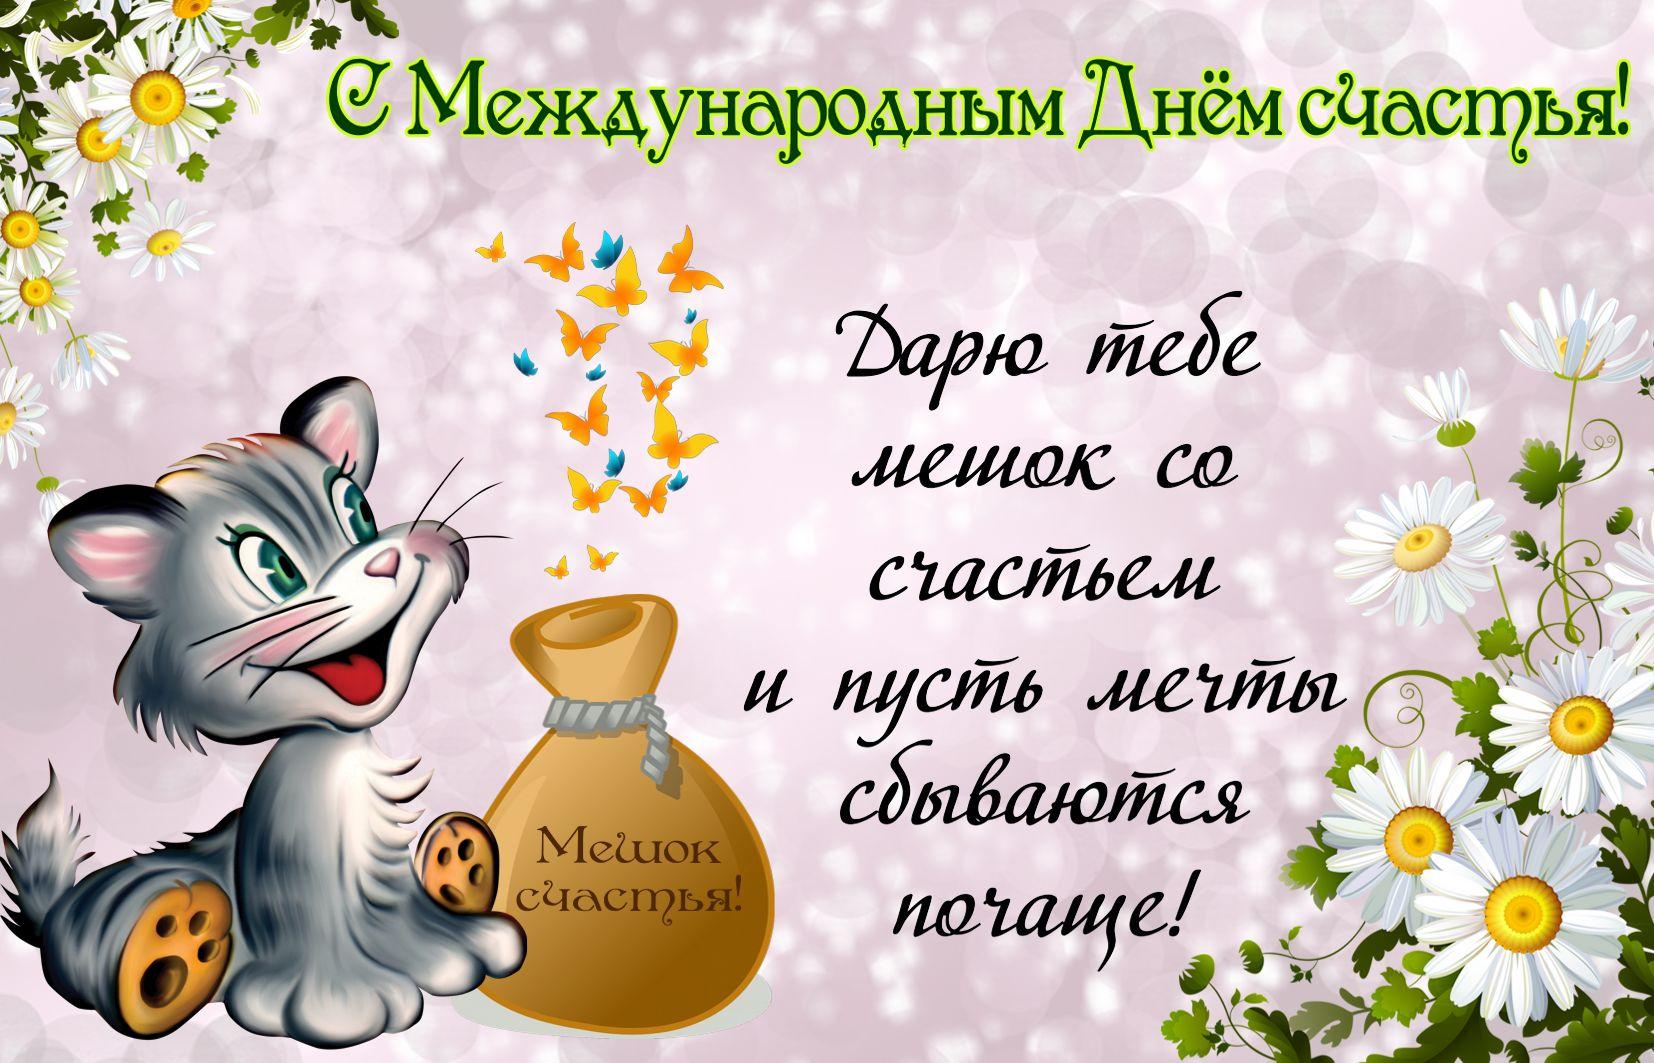 Мультяшный котенок с мешком счастья